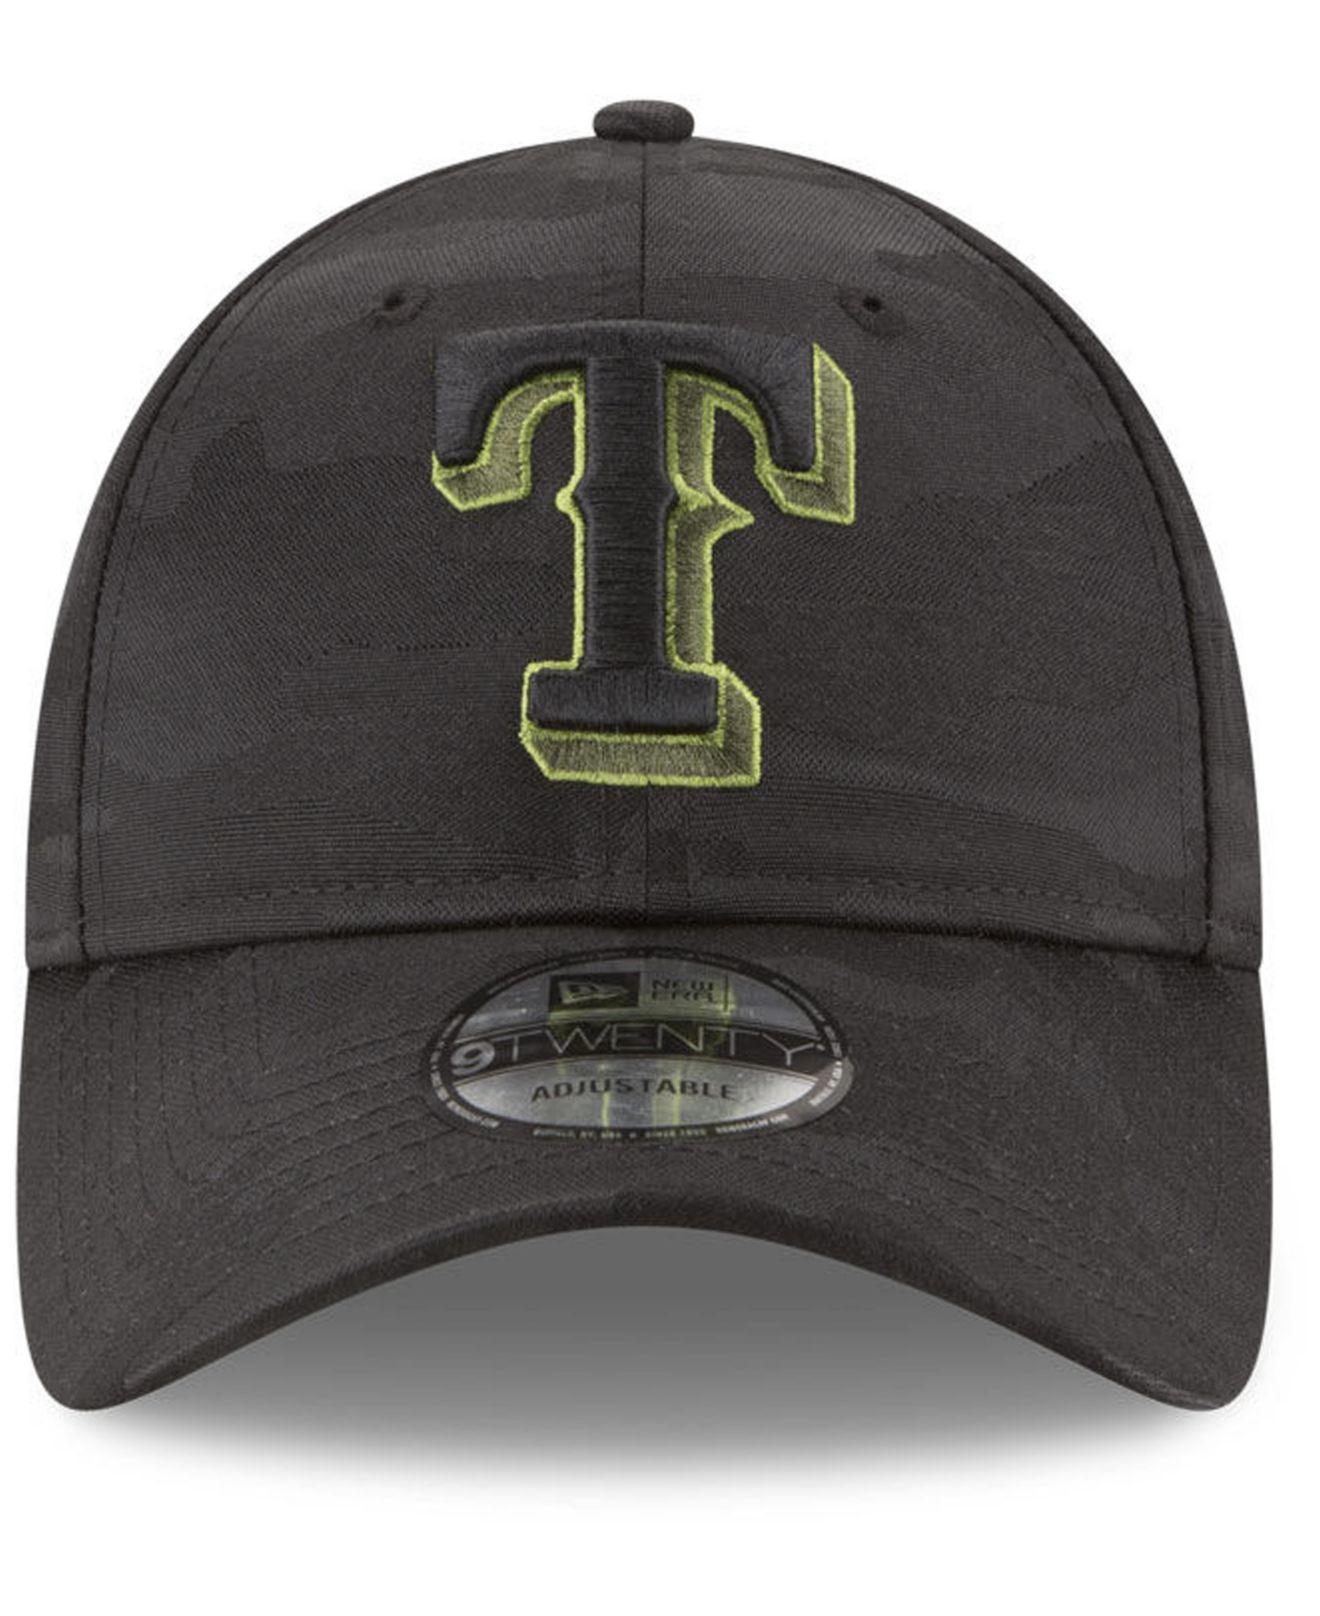 4746edded83d5 ... where to buy lyst ktz texas rangers memorial day 9twenty cap in black  for men save